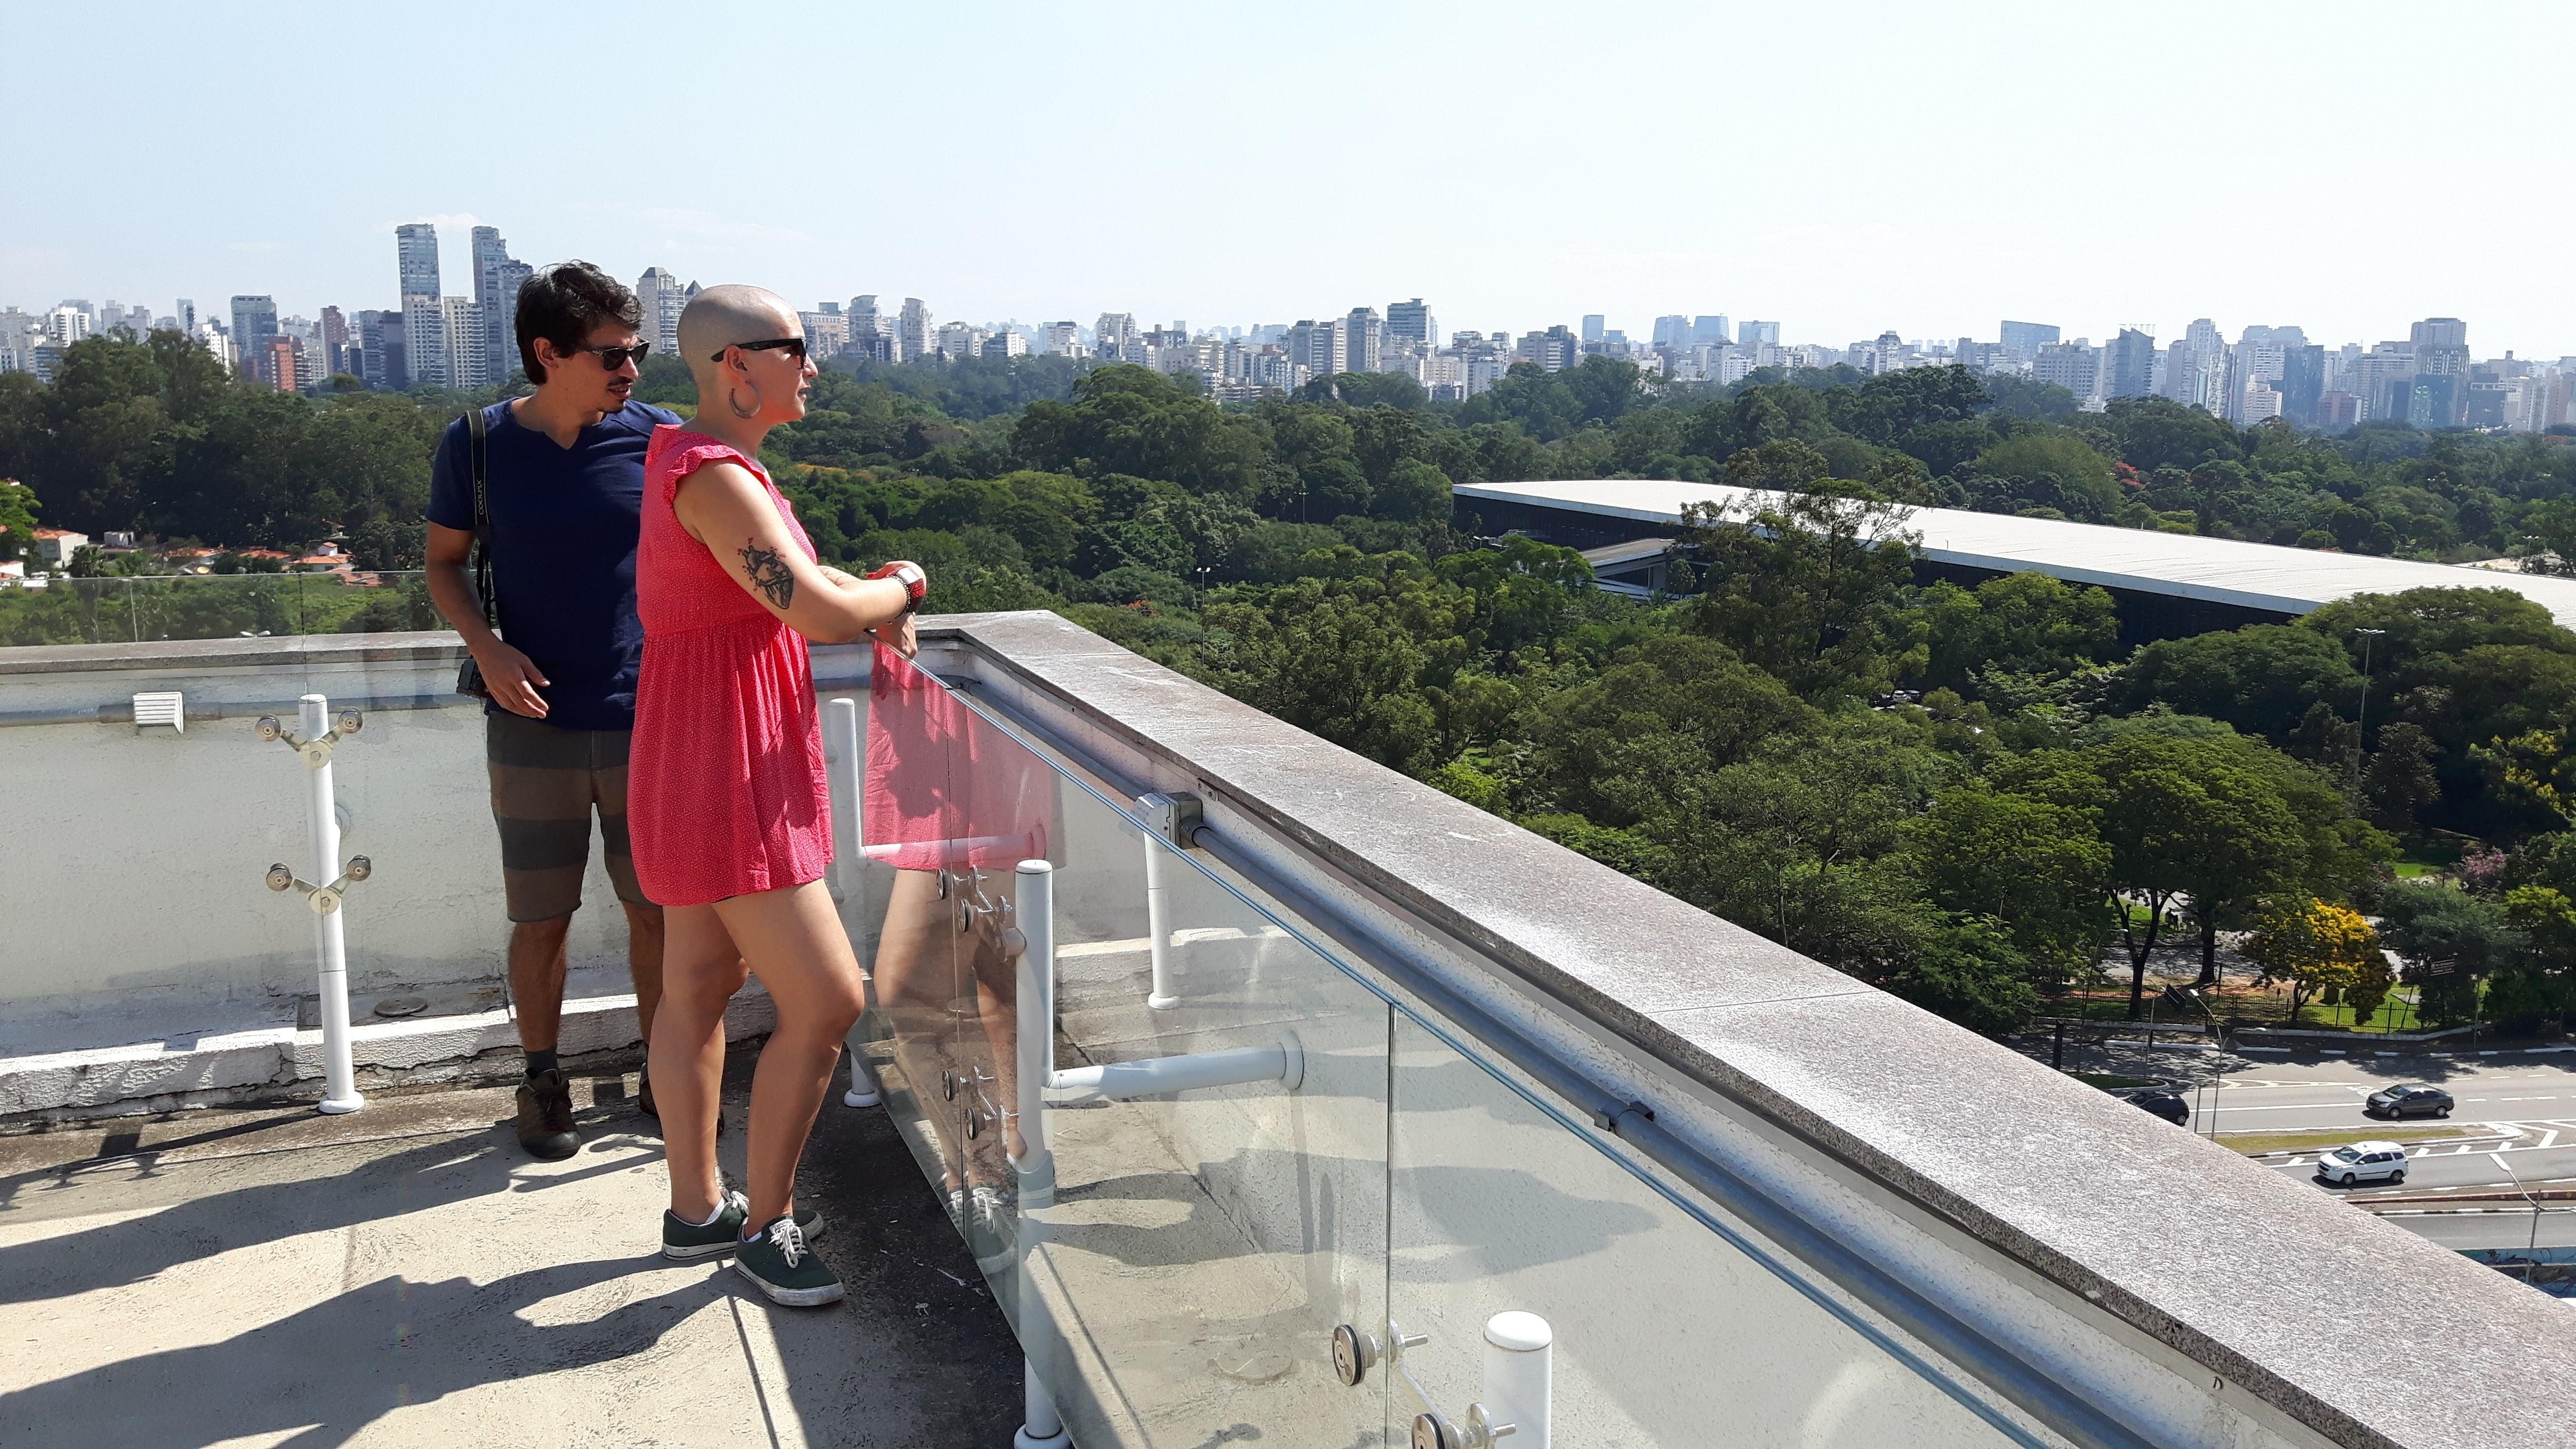 Museus Parque Ibirapuera 4